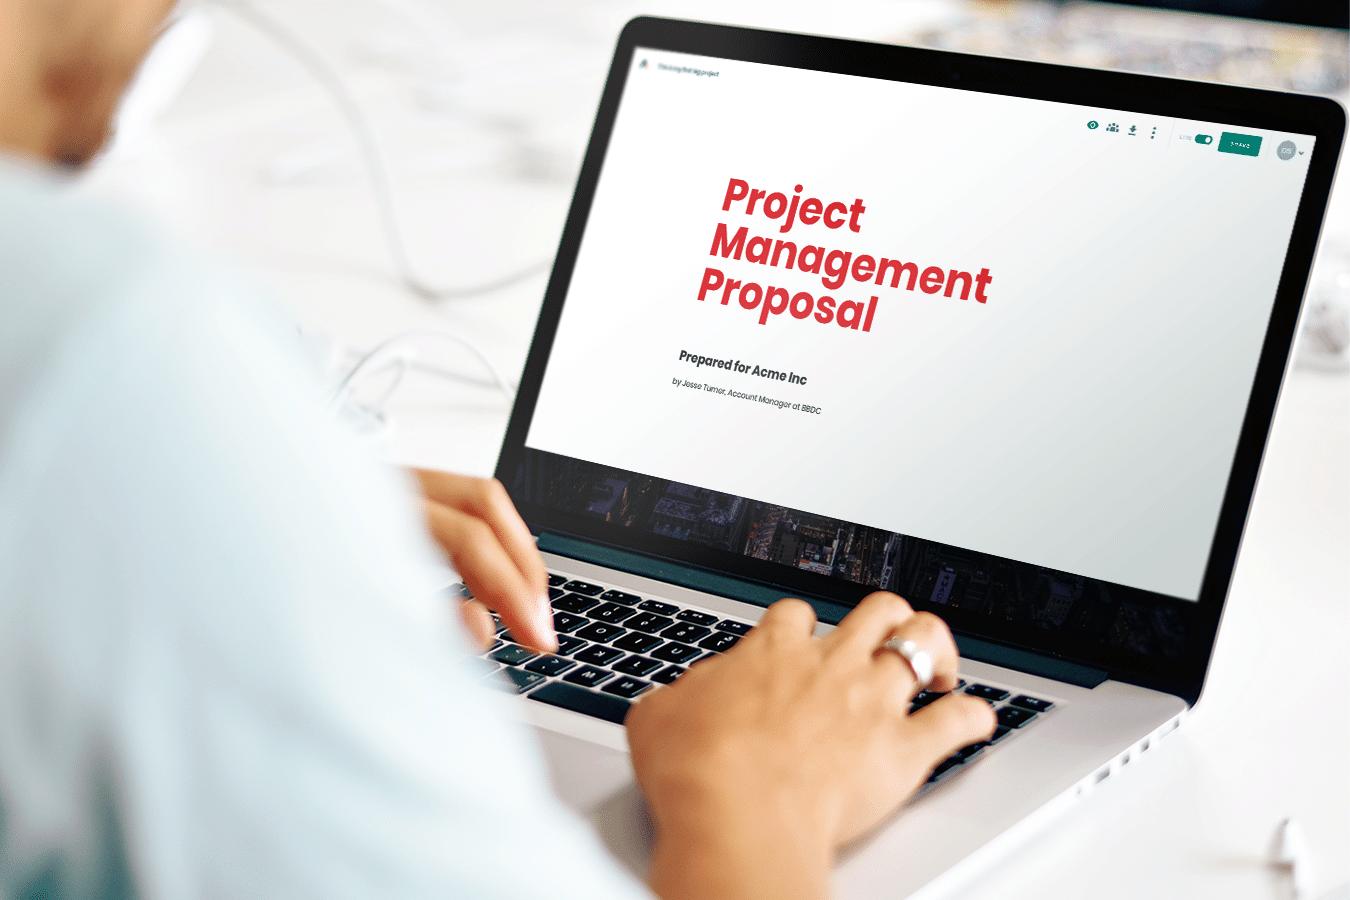 project-management-proposal-desktop